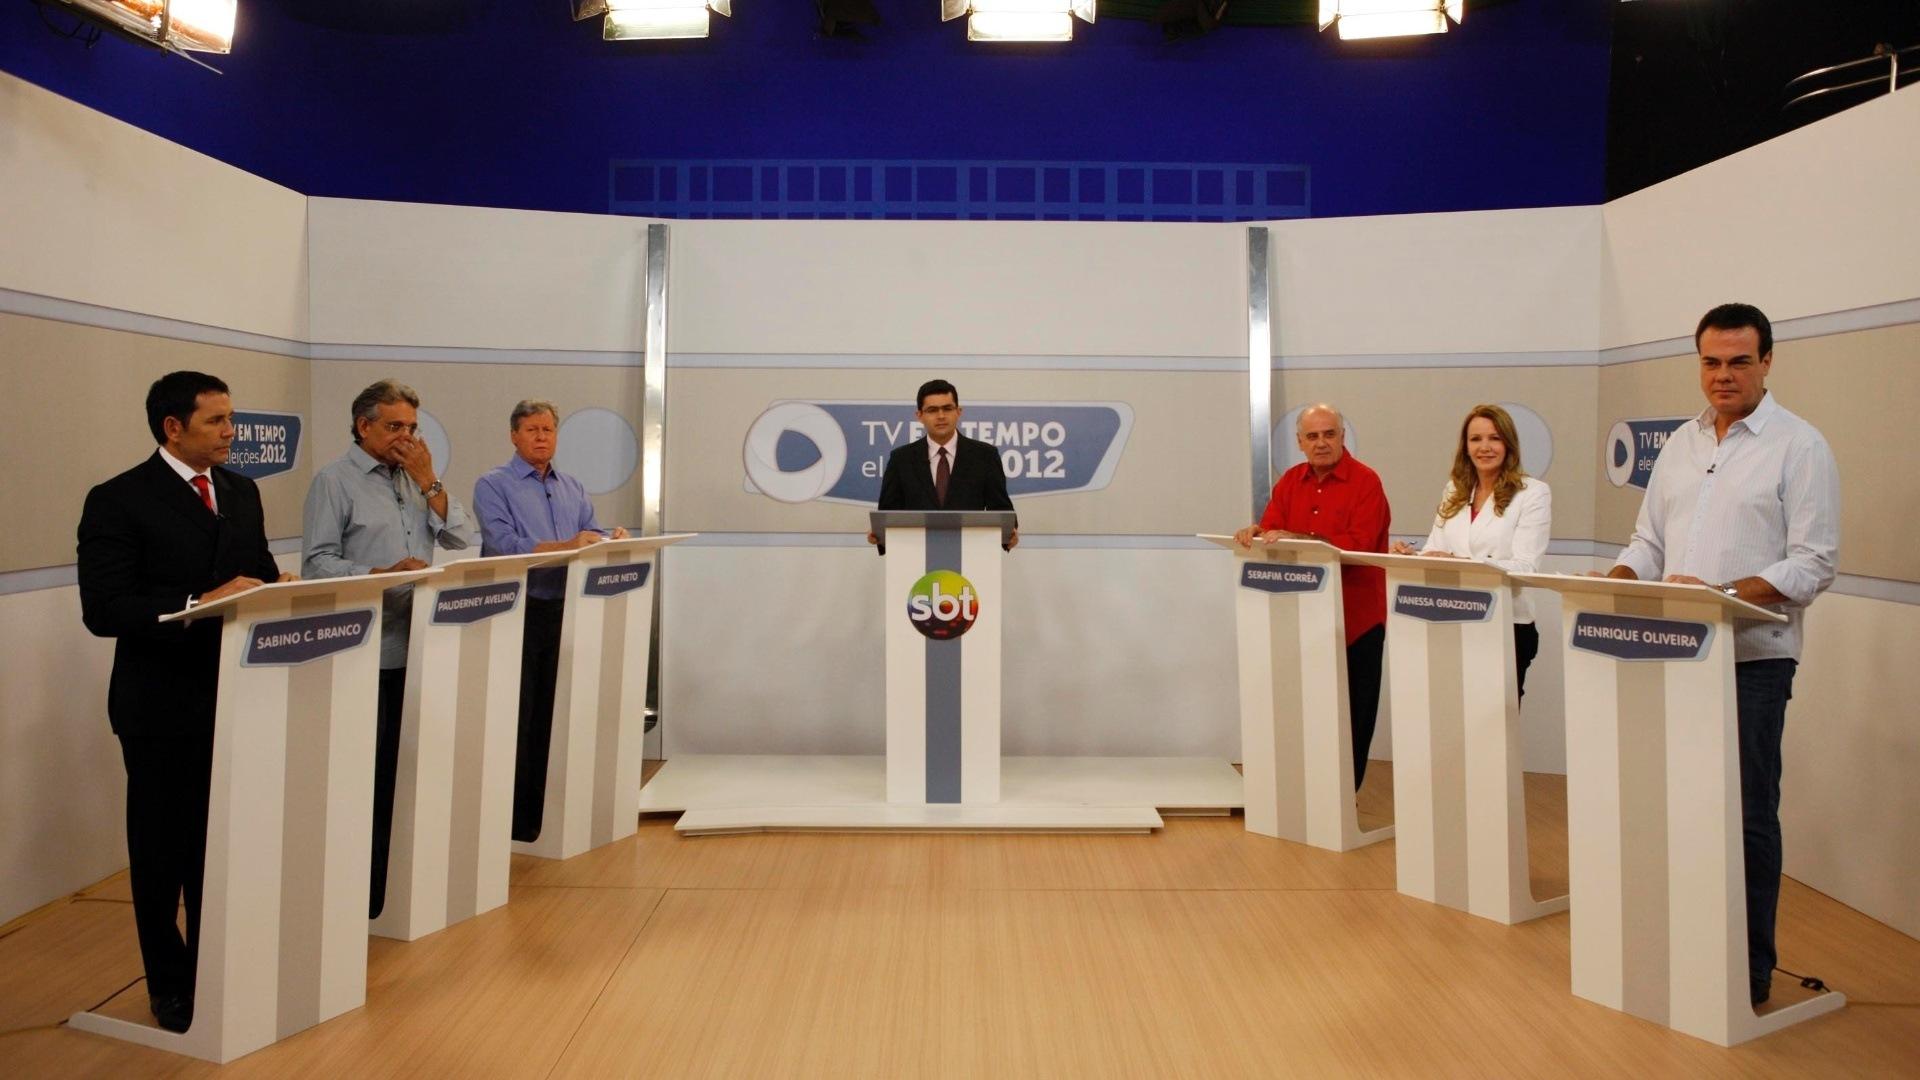 Debate Tv Em Tempo